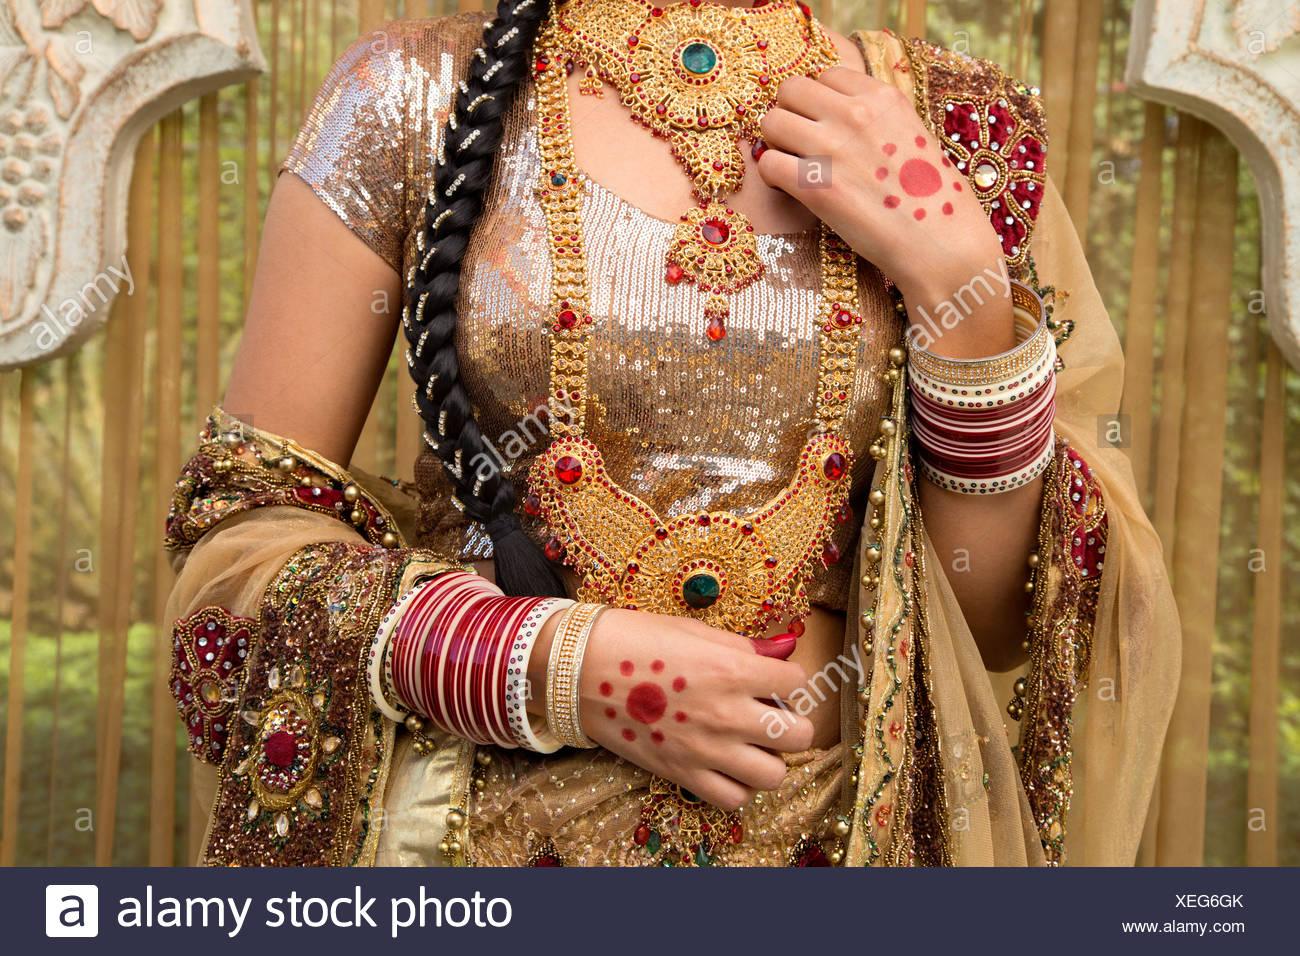 Vestiti Da Sposa Indiani.Sposa Indiano Nel Tradizionale Abito Da Sposa Foto Immagine